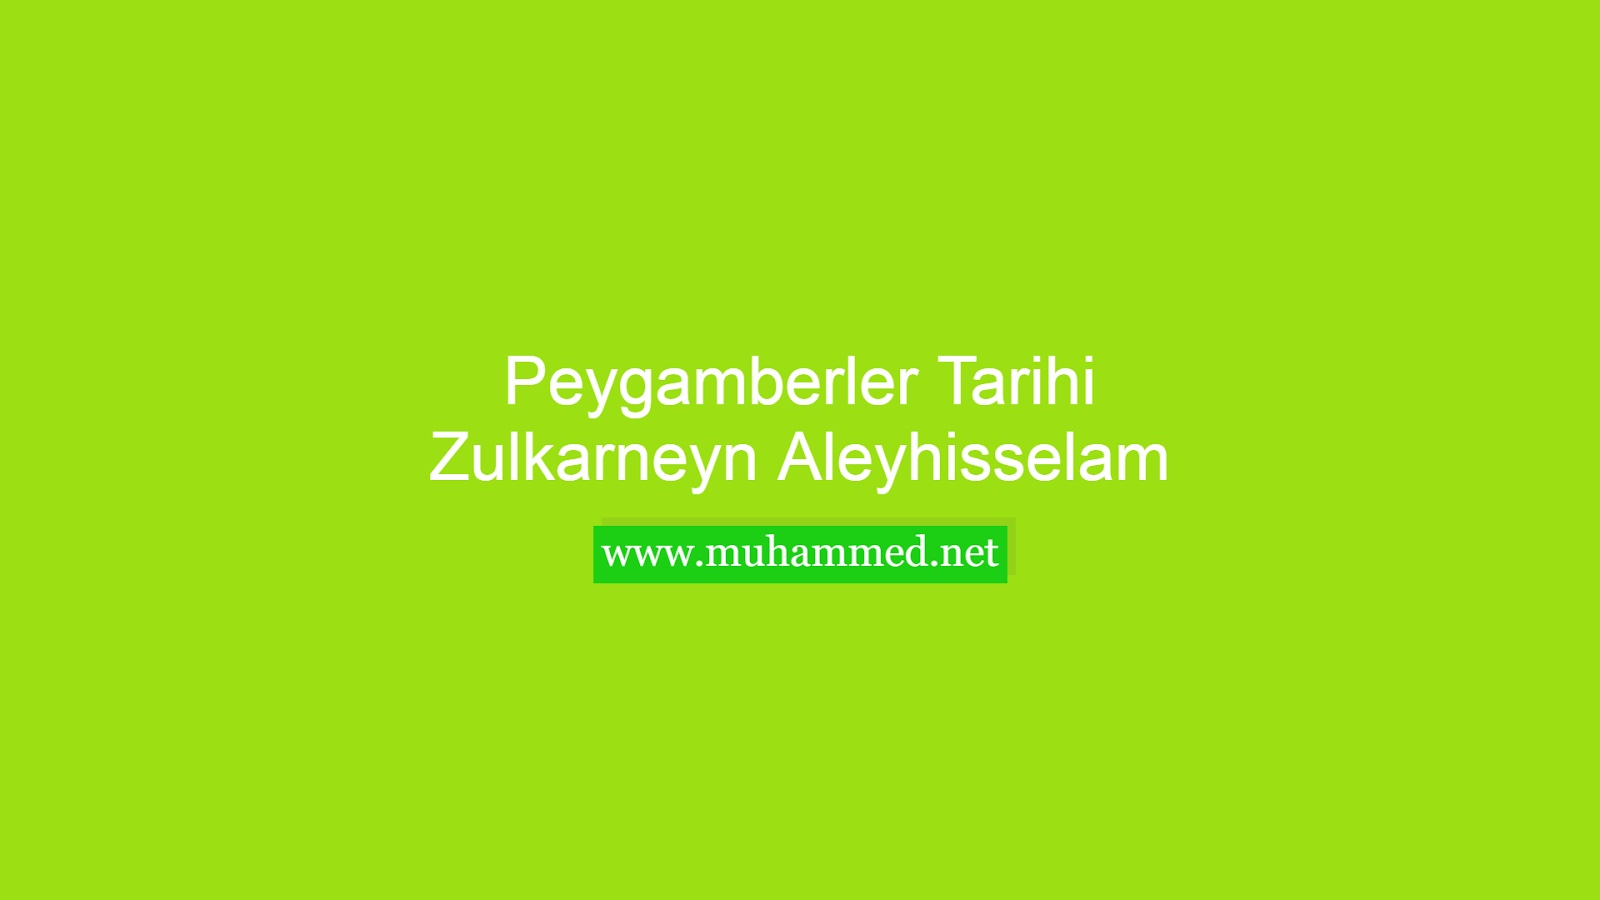 Hz. Zulkarneyn (a.s.)